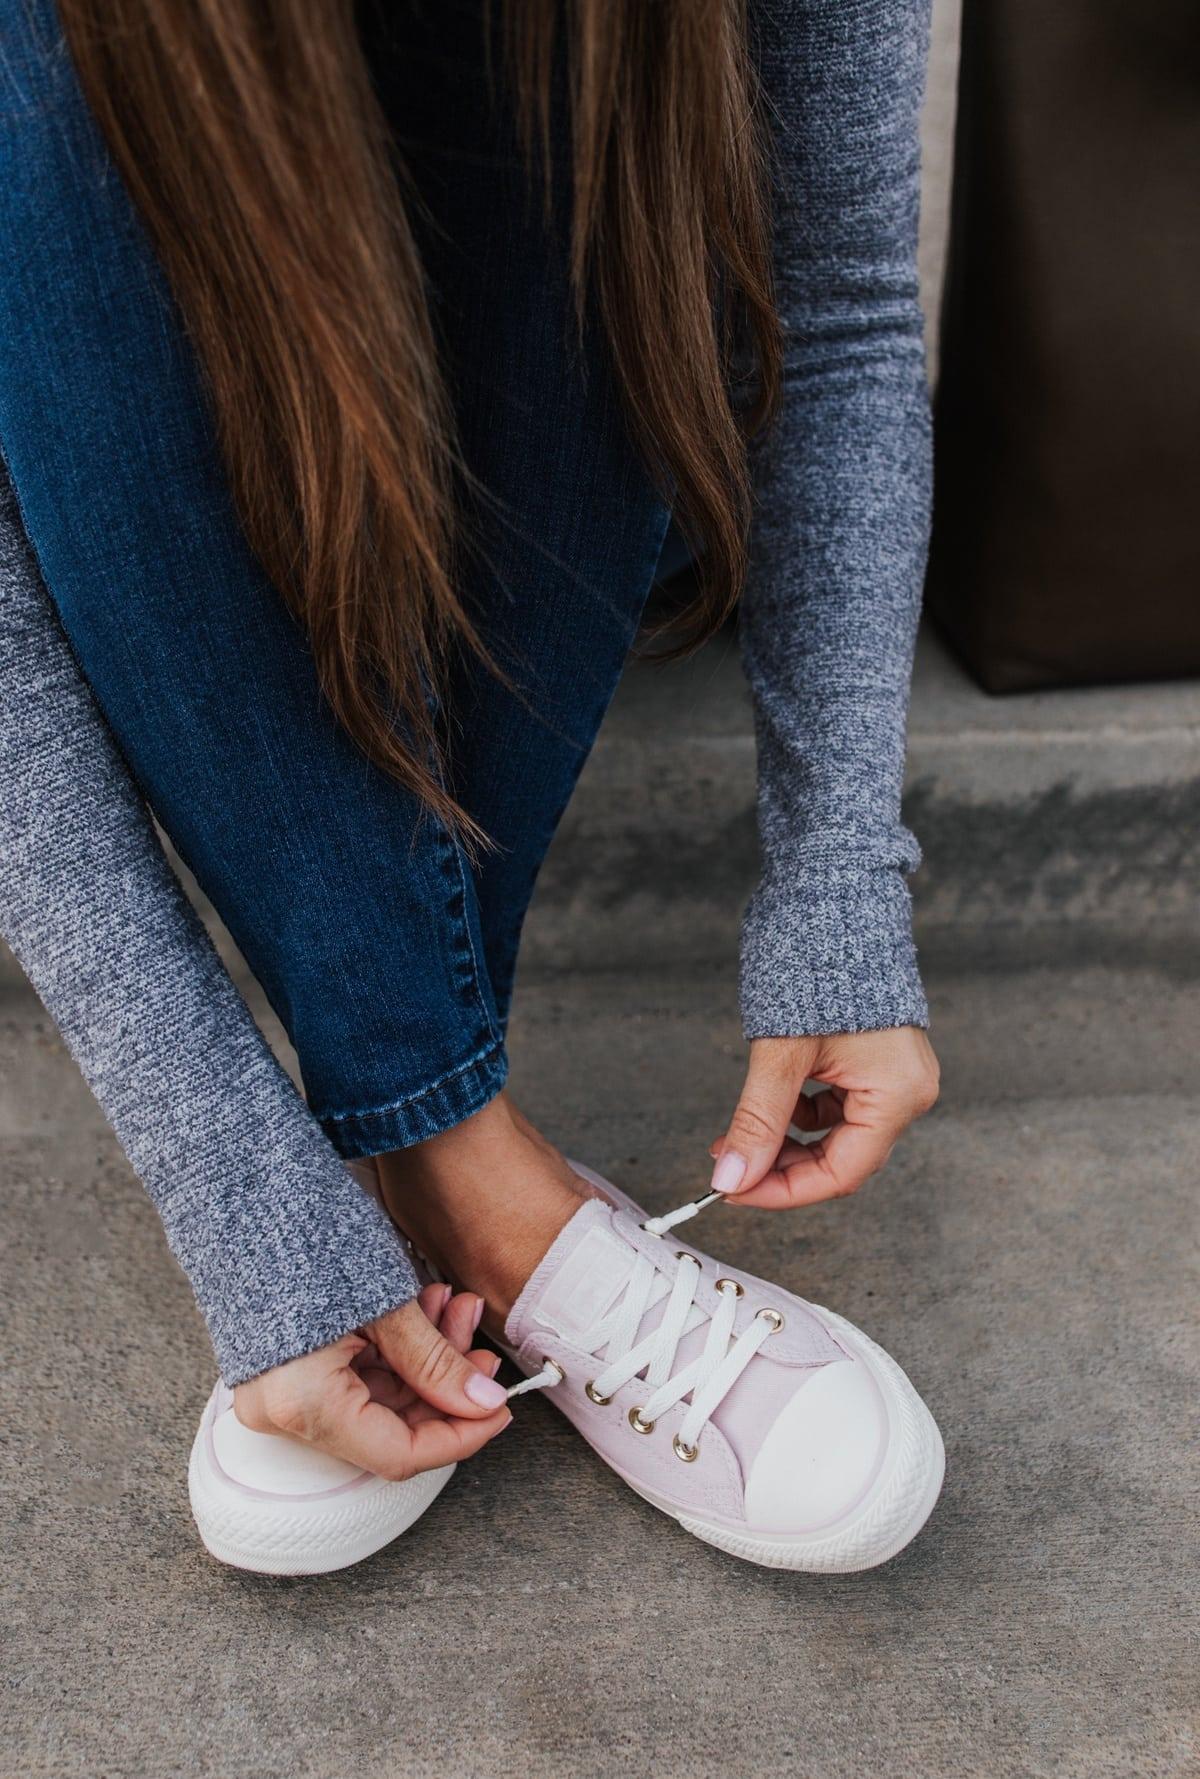 converse shoreline low top sneaker